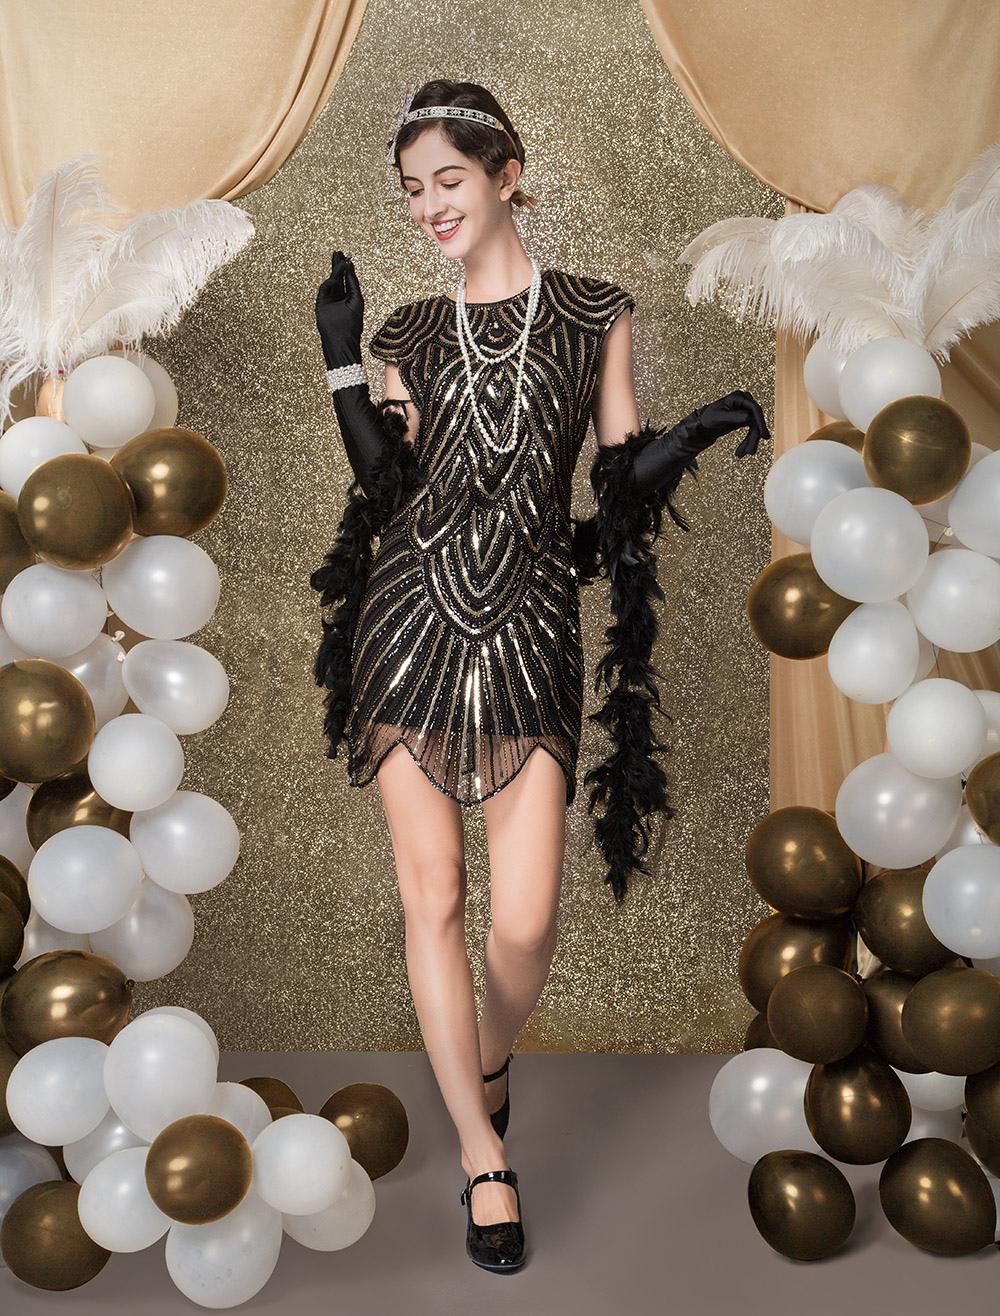 352c05c7a40 Robe Charleston 2019 Costume de Robe Flapper des années 1920 Costume  Vintage Femmes Zigzag pailleté noir robe moulante courte Halloween -  Costumeslive.com ...